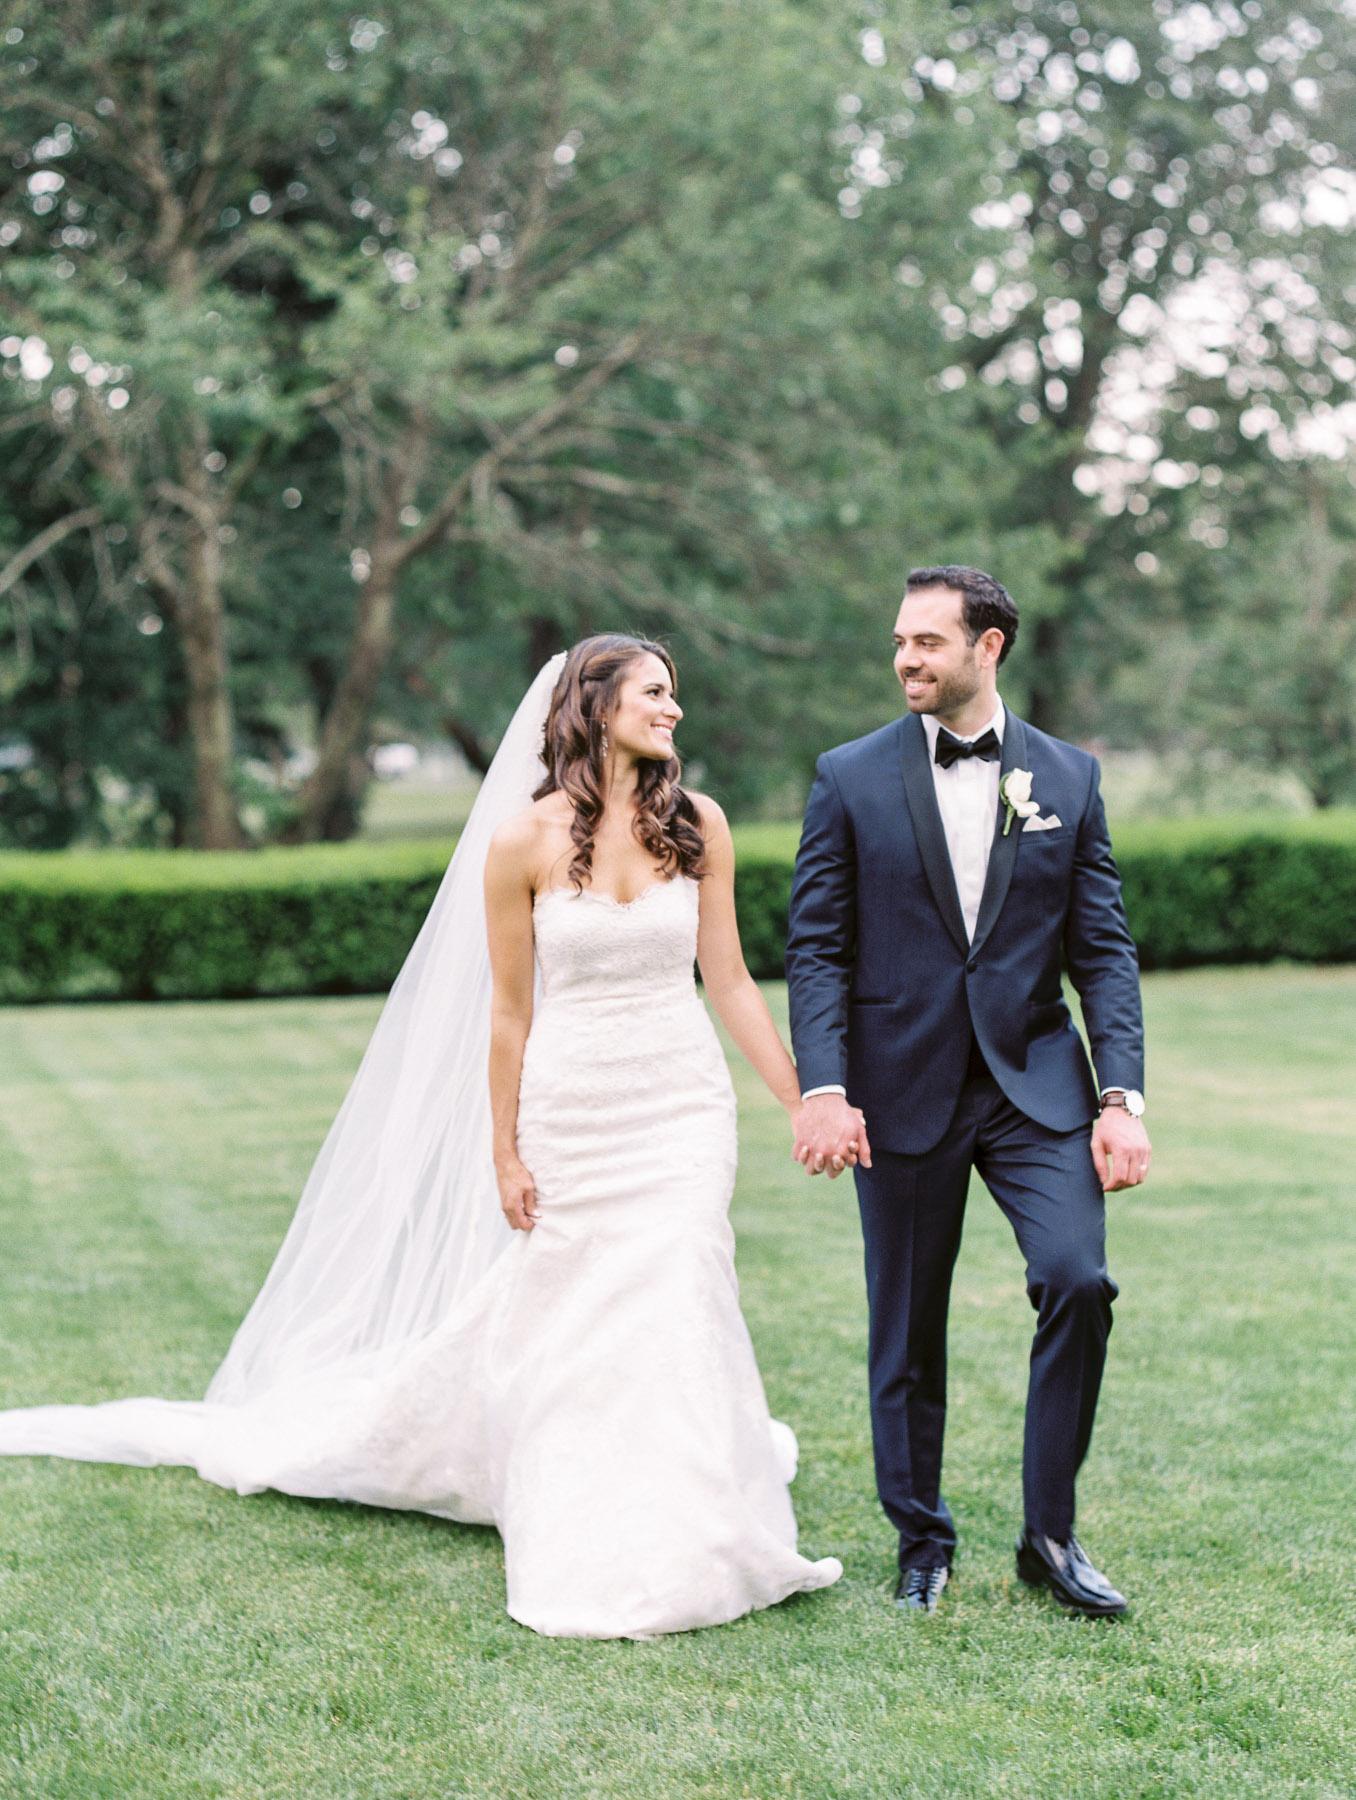 The Carltun Long Island Wedding Photography